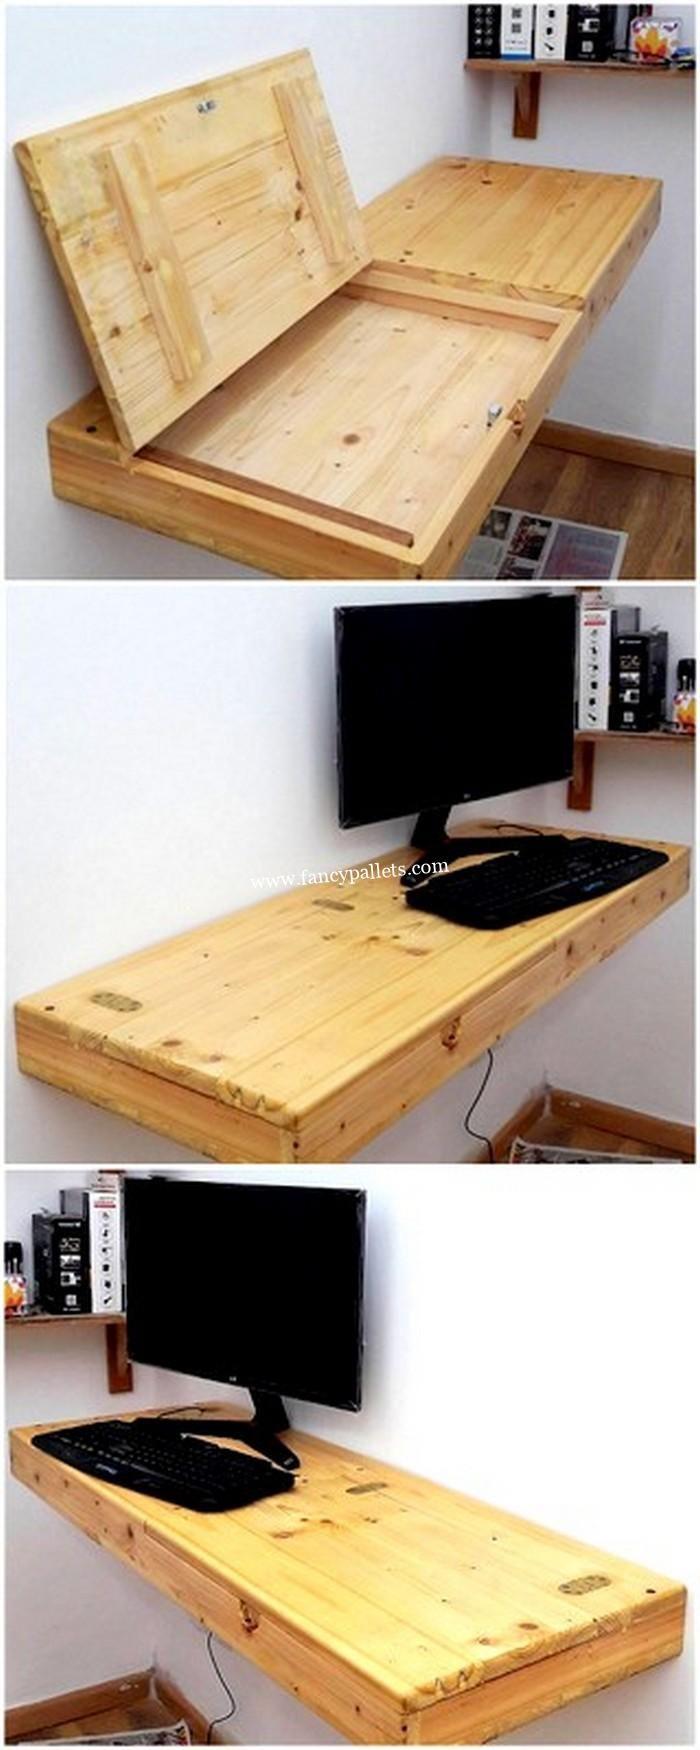 Attractive Diy Pallets Pc Desk Ideas Diy Furniture Easy Pallet Diy Diy Pallet Furniture